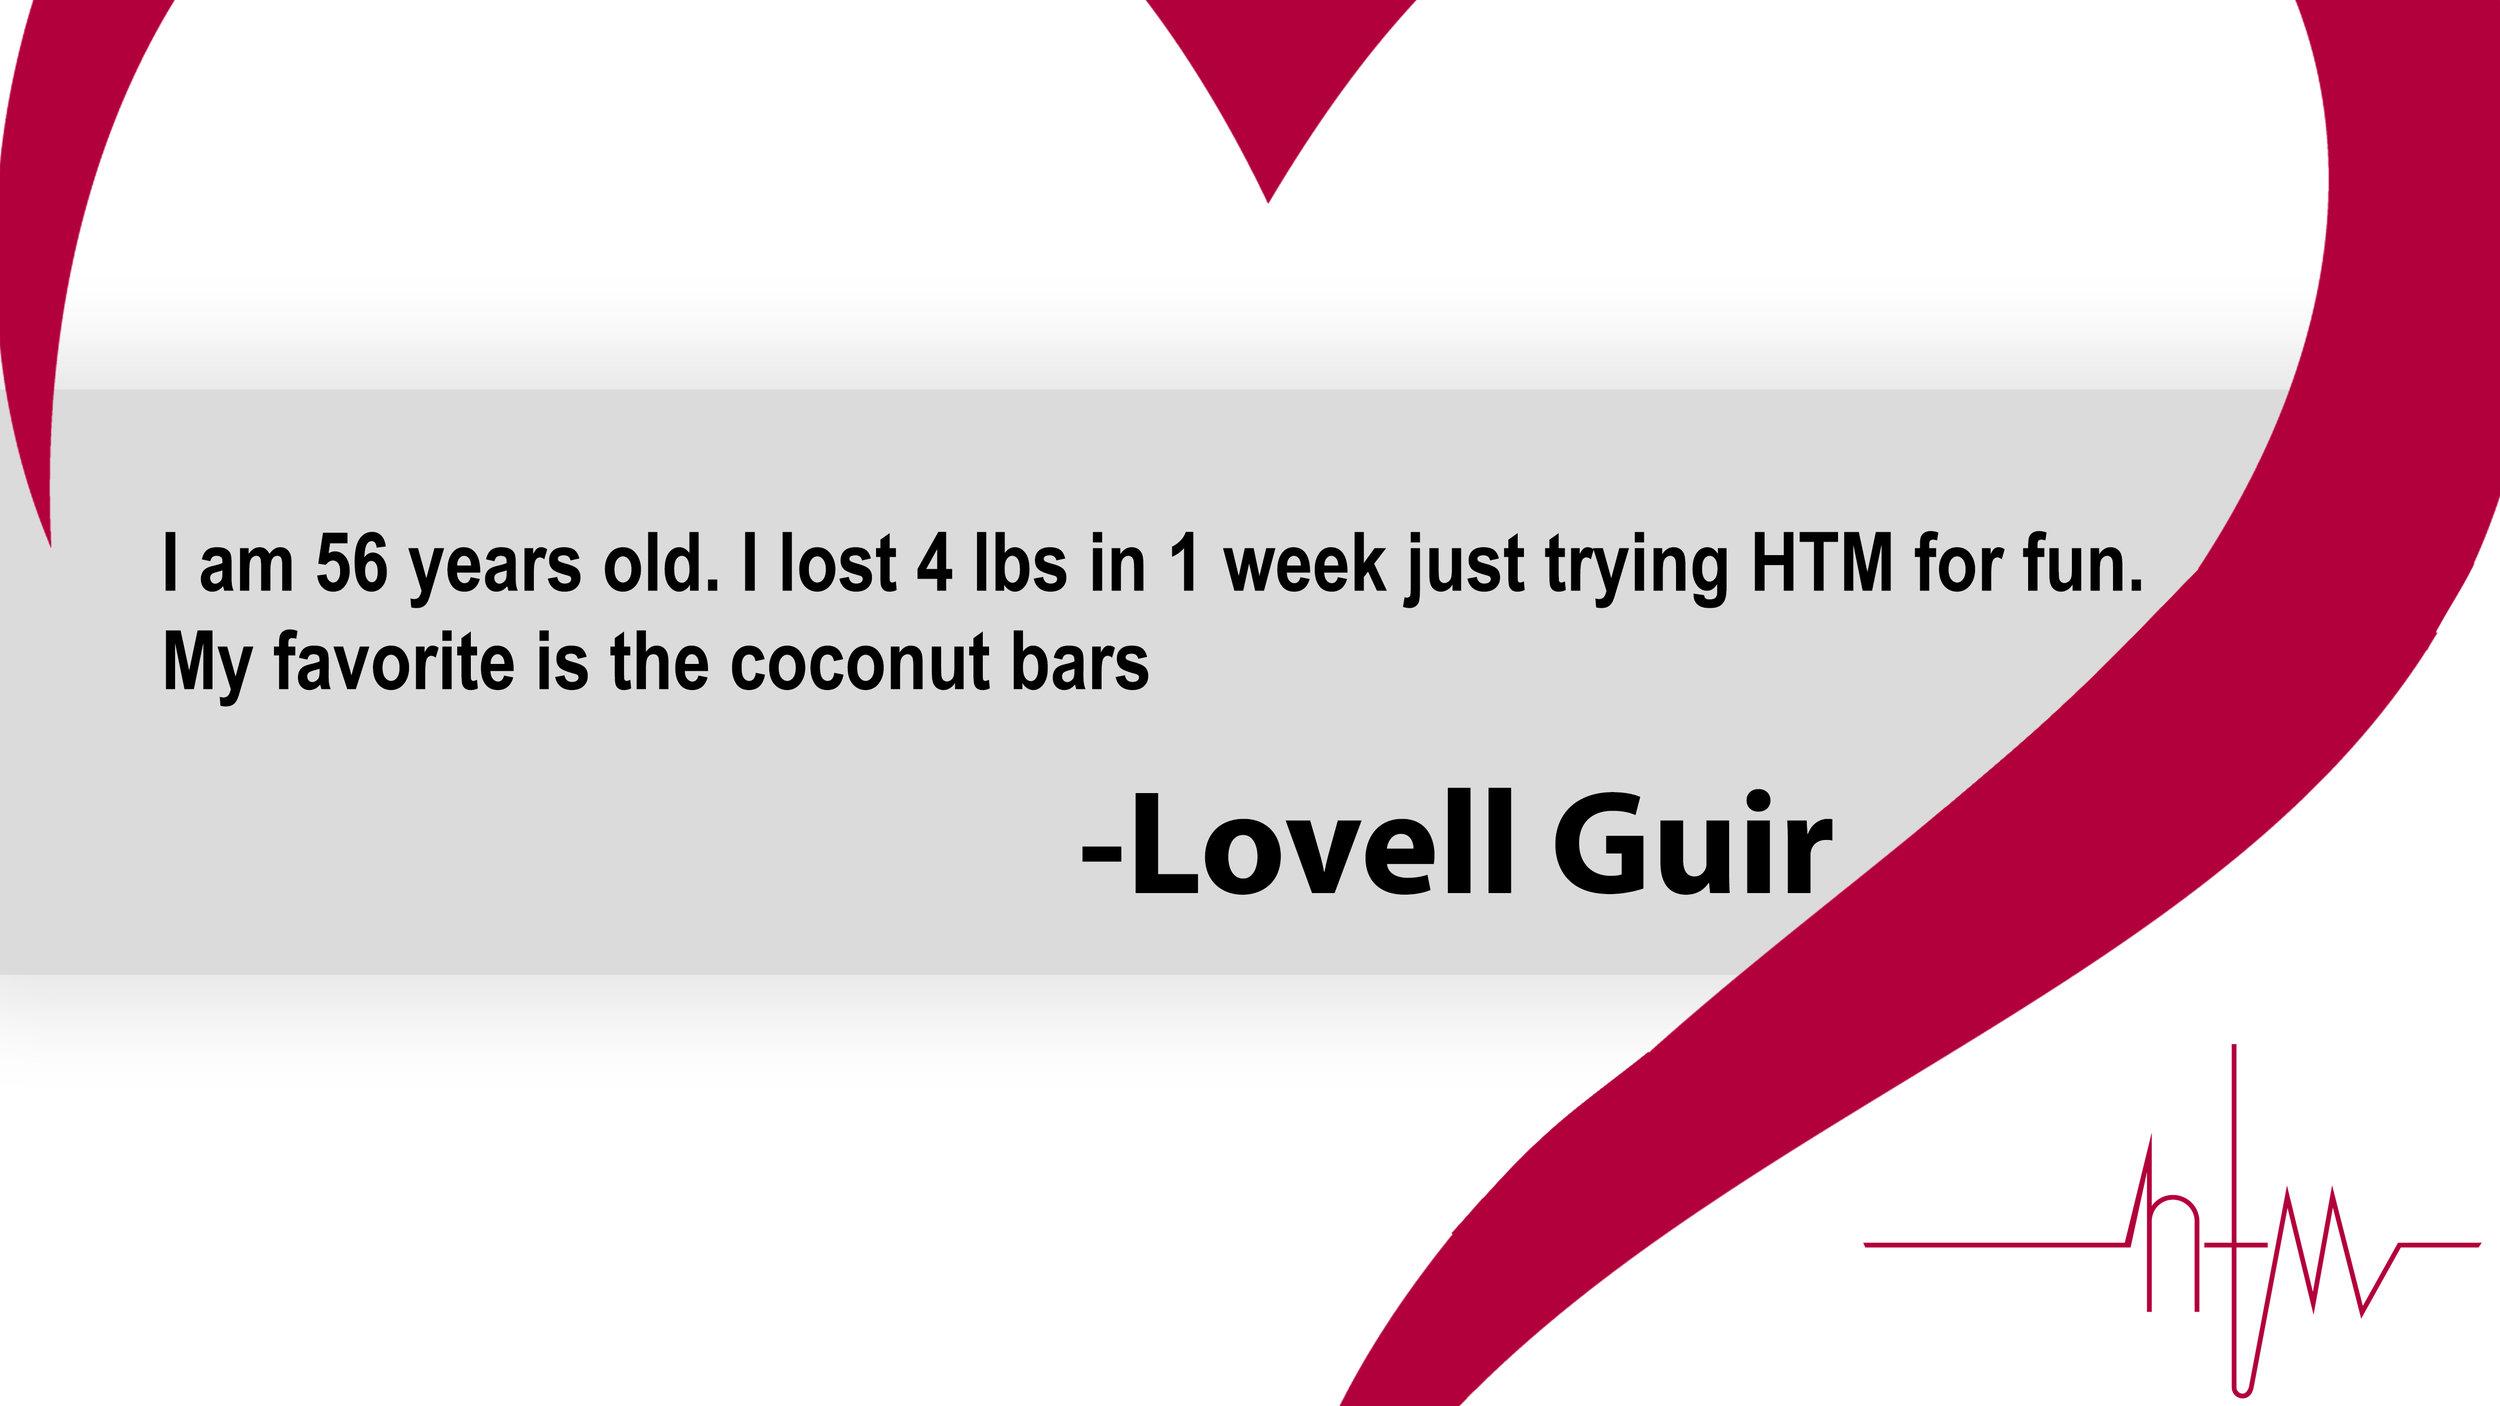 Lovell_Guir_Testimony.jpg